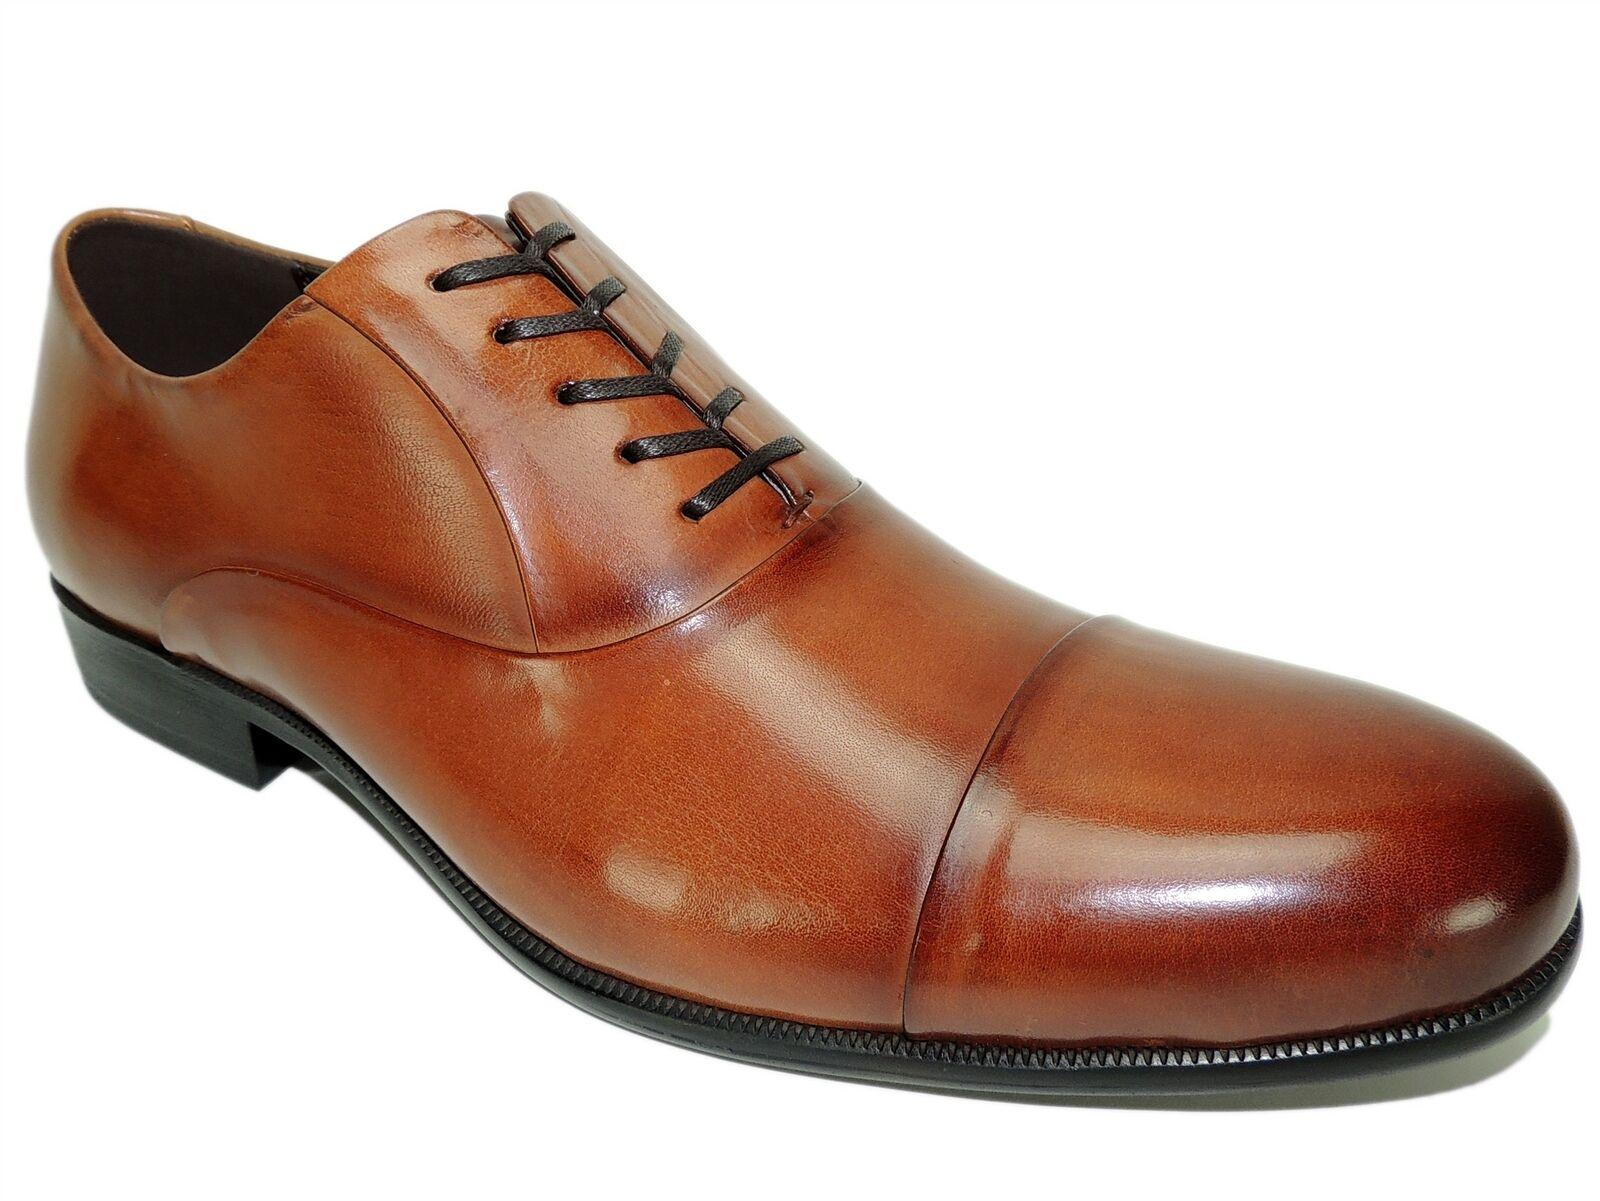 Kenneth Cole New York Men's Chief Council Cap Toe Oxfords Cognac Size 8 M